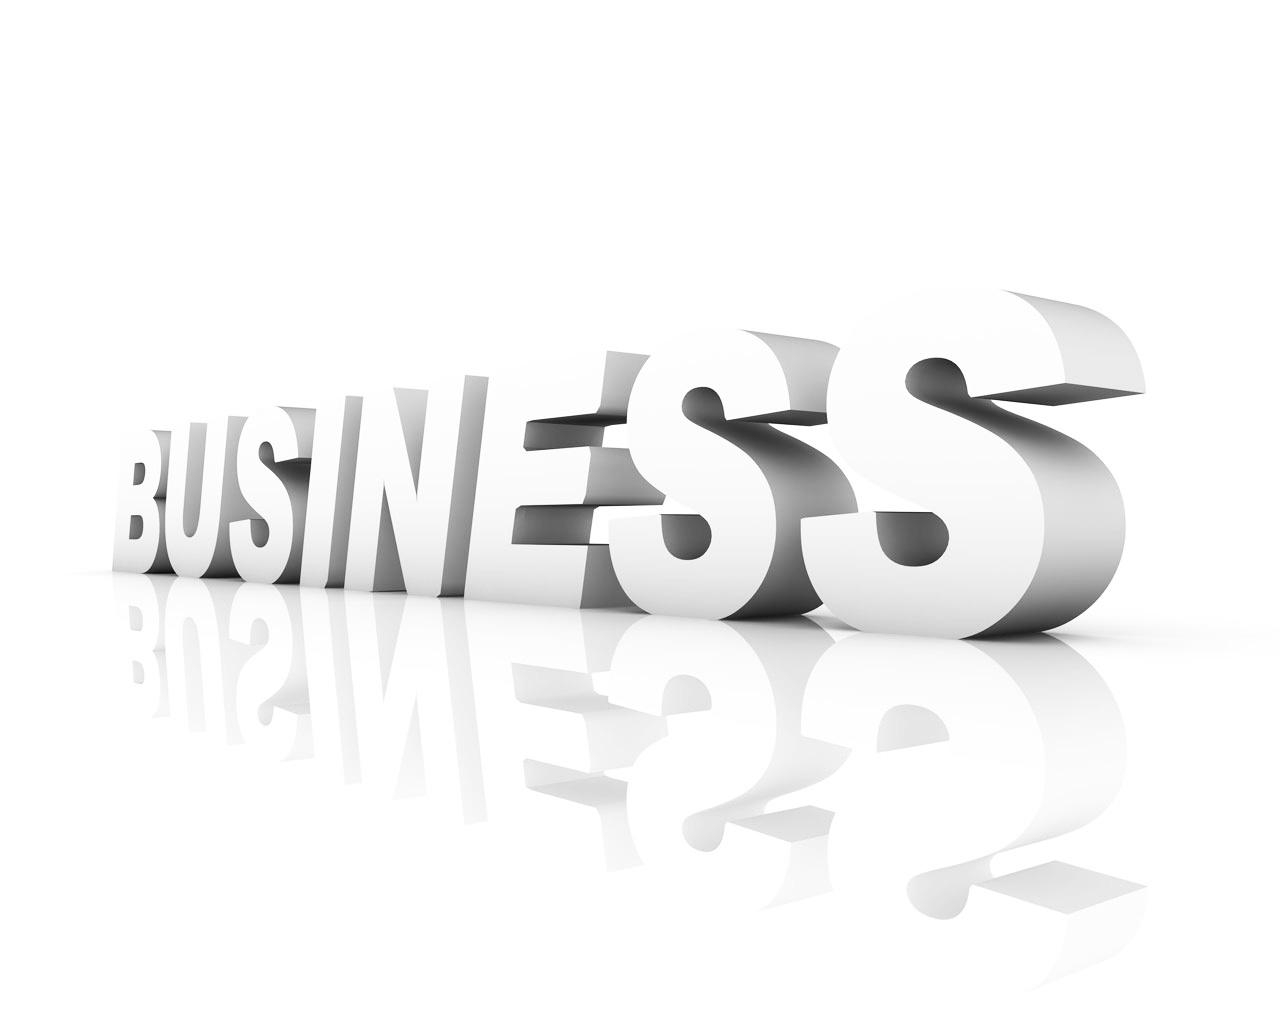 Handel-Dienstleistungen Handel-Finanzwirtschaft Handel-Grosshandel Handel-Einzelhandel, Handel-Restposten, Handel-Anlagen,  Handel-Messen, Handel-Börse, Handel-Förderung,